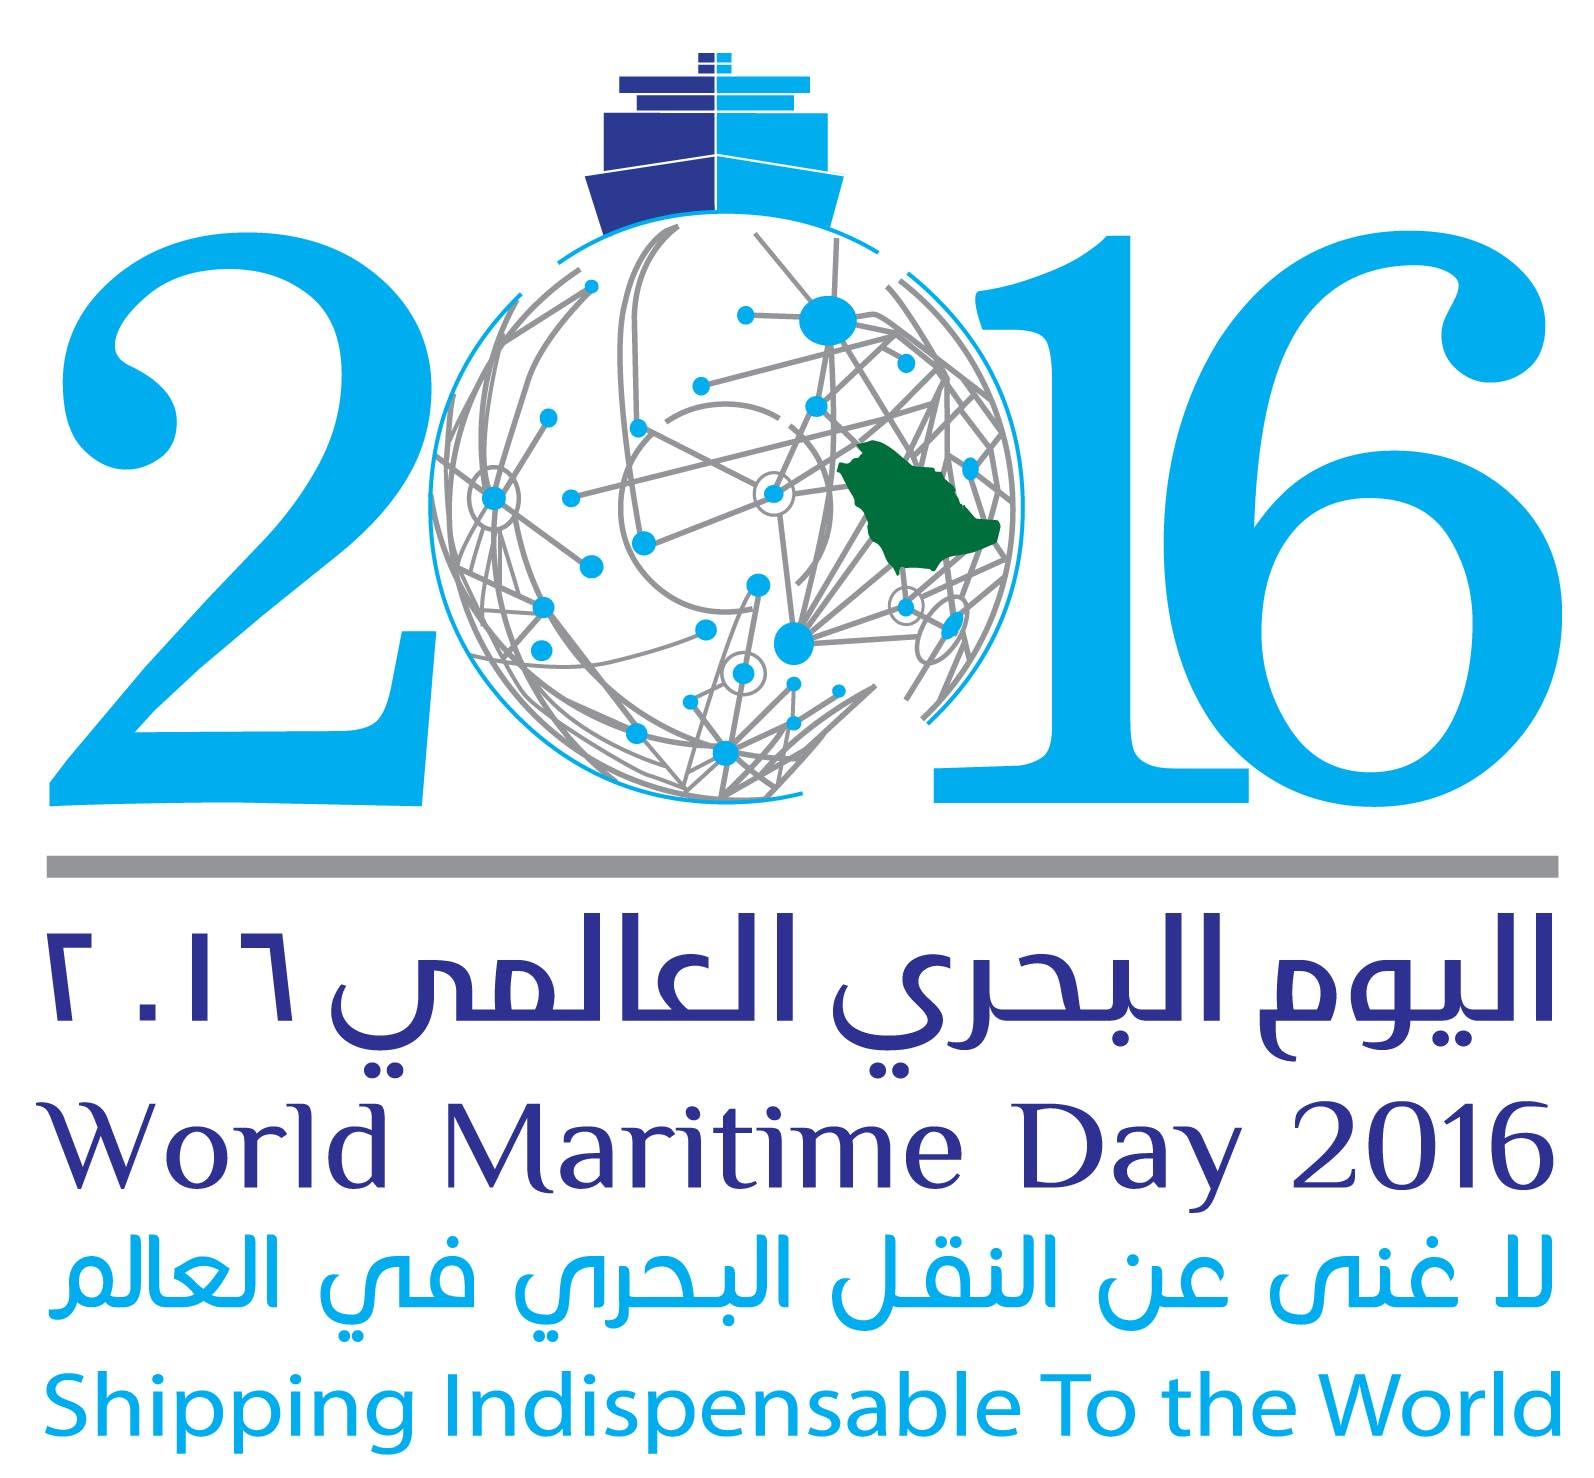 شعار اليوم البحري